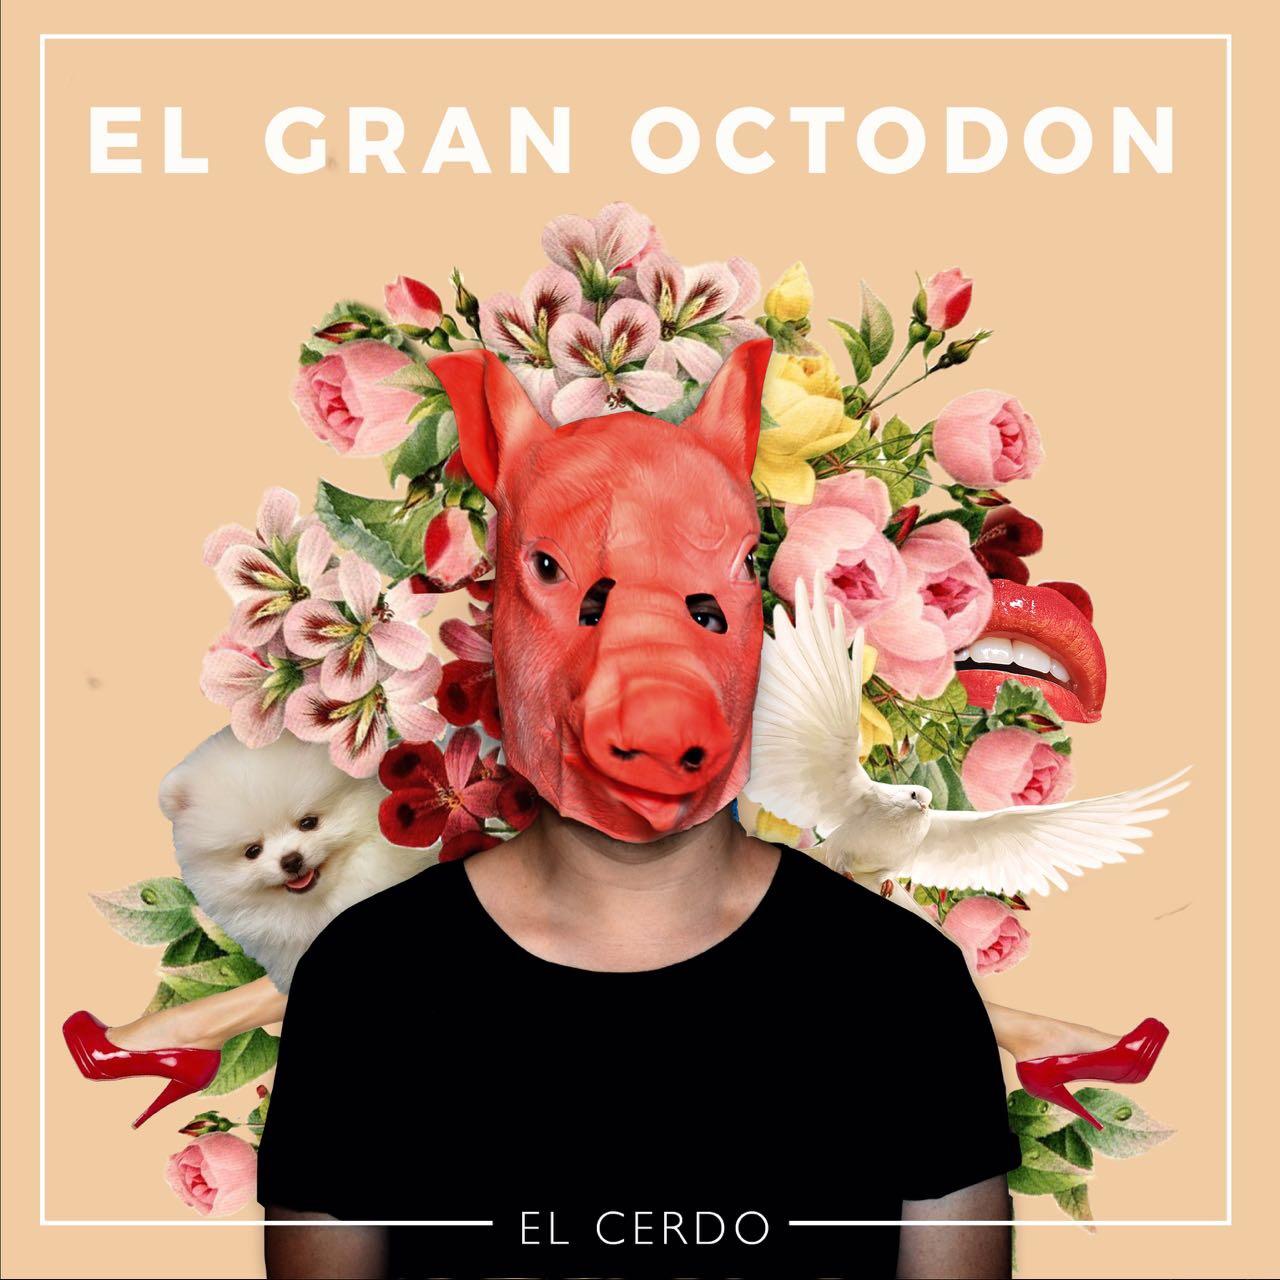 El Gran Octodon – El Cerdo (2018)